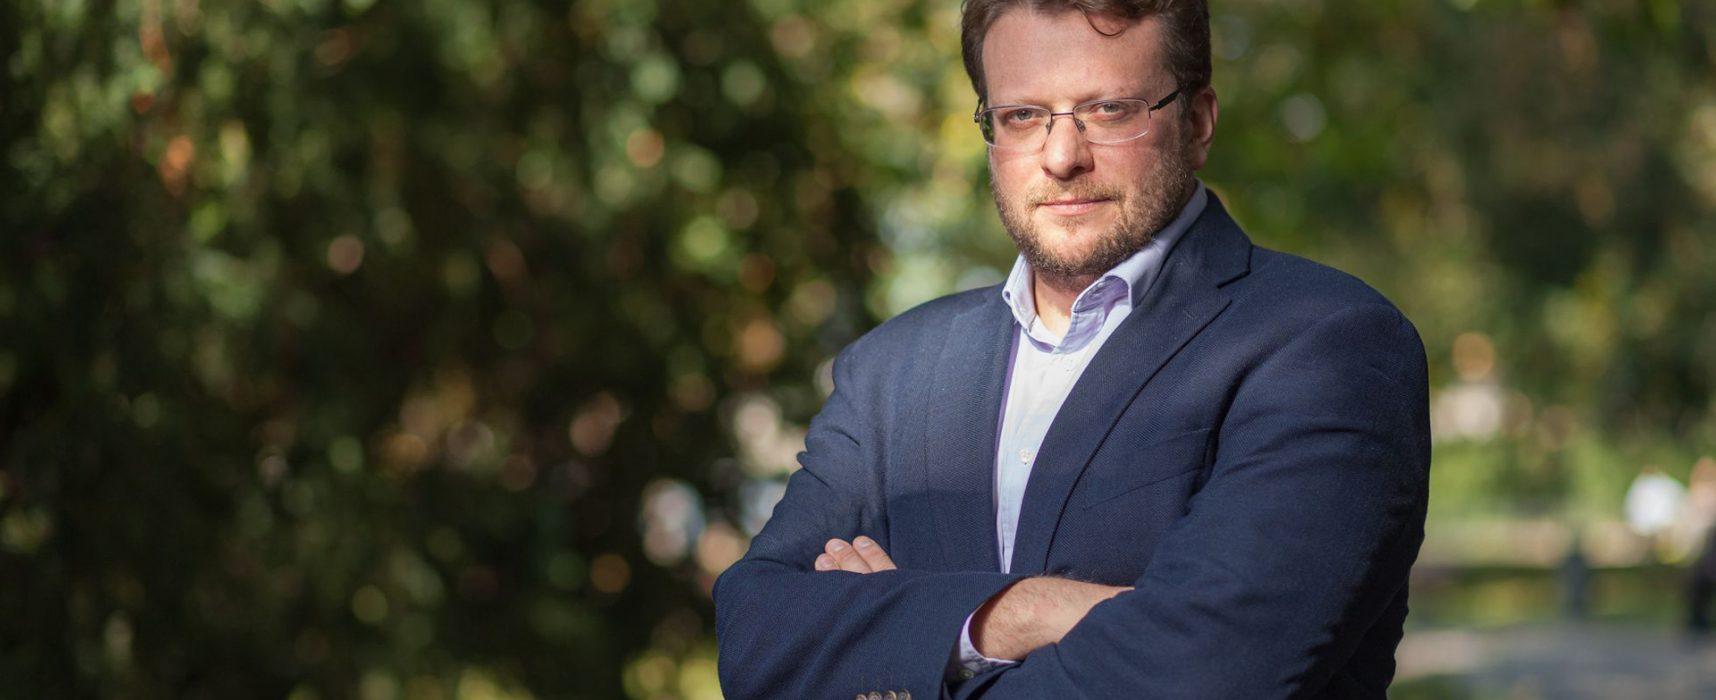 Peter Pomerantsev: Es importante que Ucrania dependa lo menos posible de los juegos de otras personas